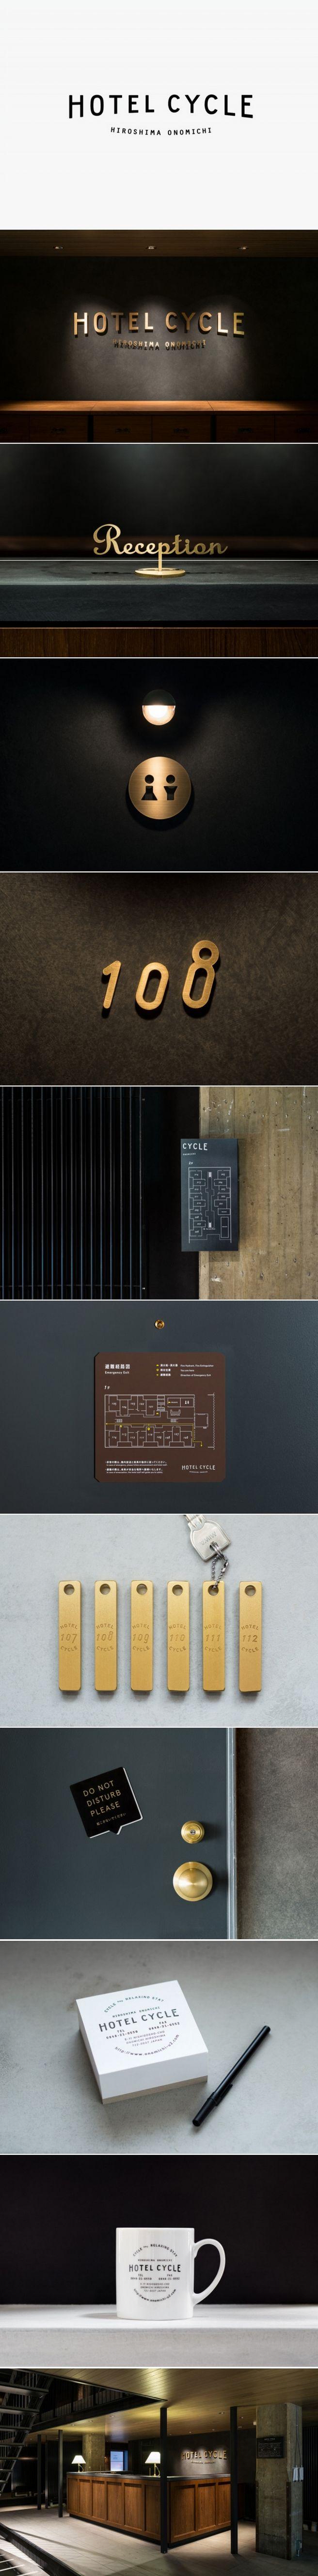 Logotype and interior signage designed by UMA for U2's Onomichi based Hotel Cycle ちょっと隙のあるビジュアルが ホテルのサービスの温かさ、中の人の 存在感を感じさせる。 行ってみたくなるデザイン。